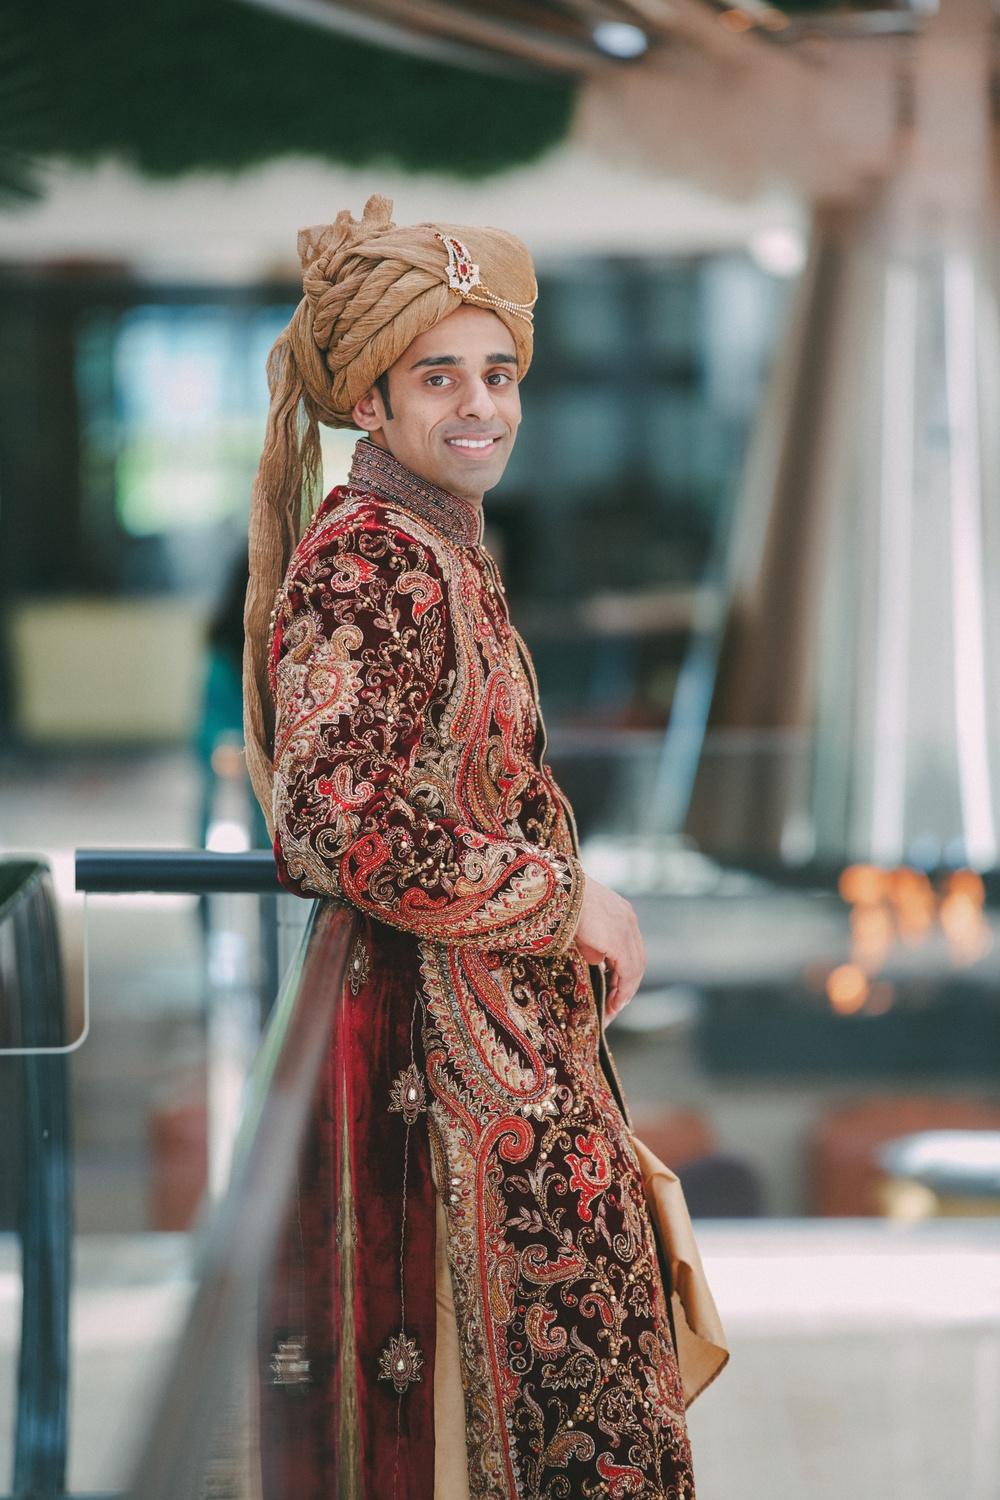 Le Cape Weddings - Reinnassance Convention Center in Schaumburg Weddings - Indian Wedding - Karthik and Megan 2199.jpg